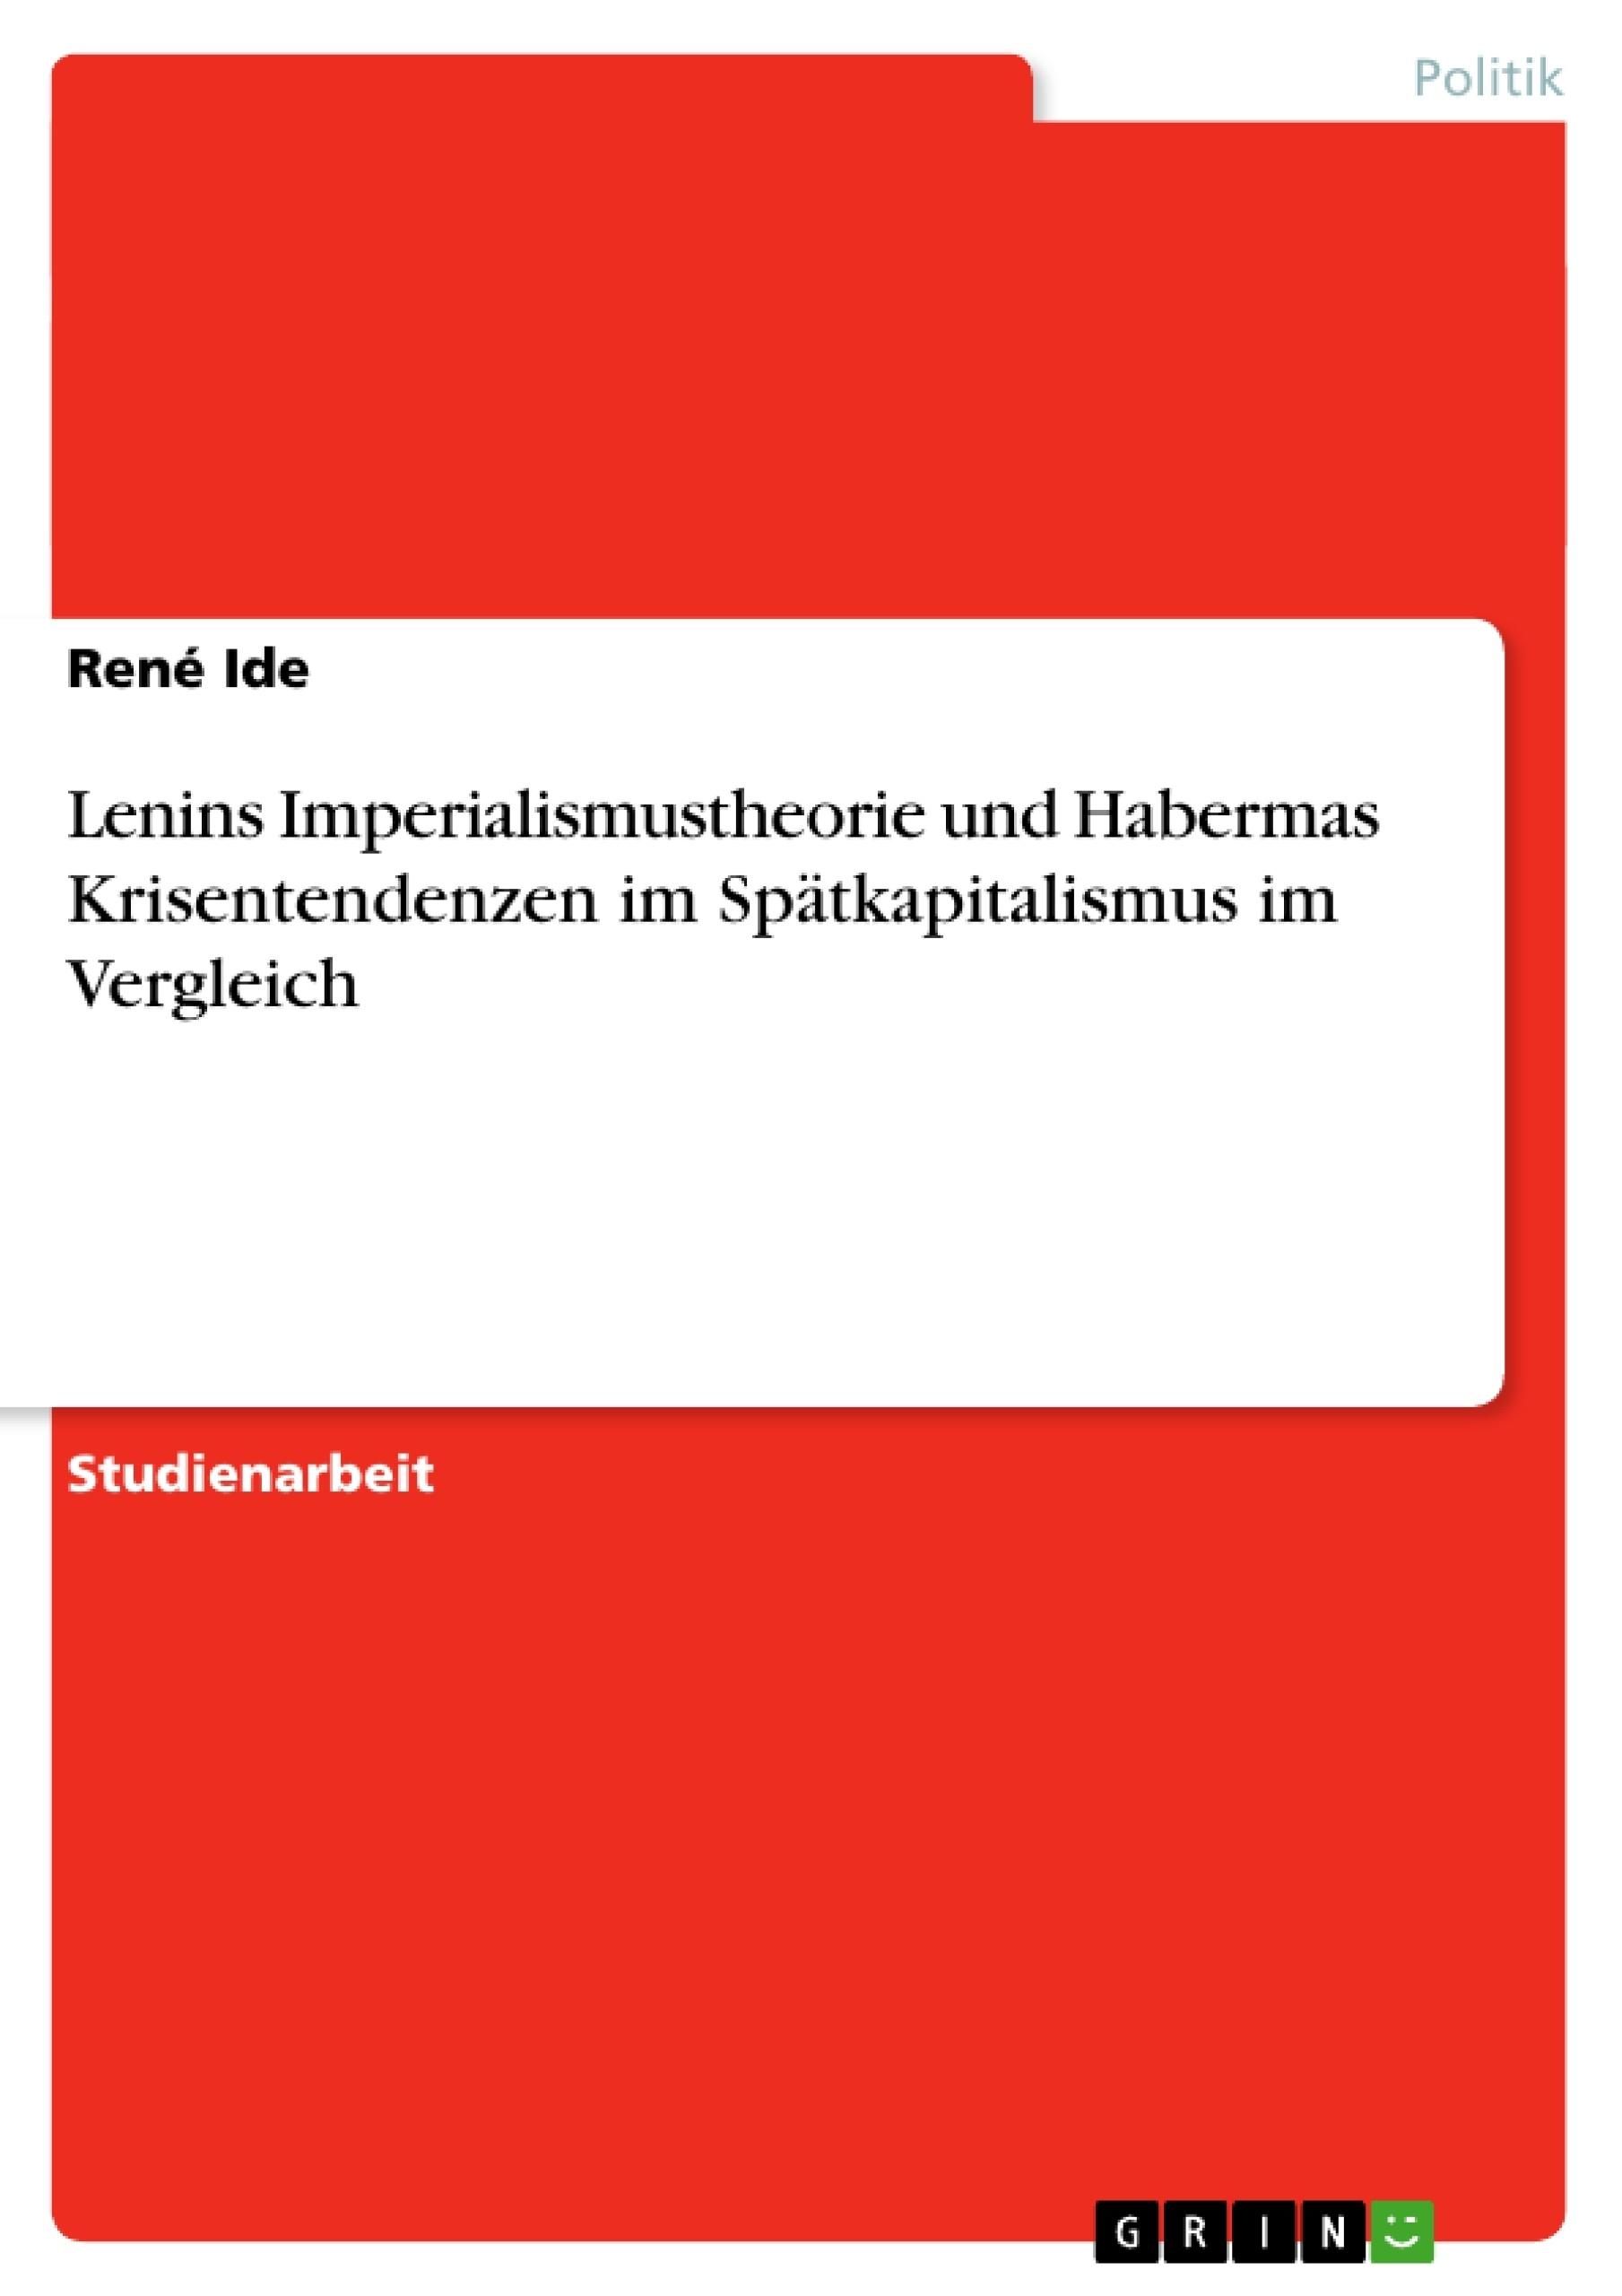 Titel: Lenins Imperialismustheorie und Habermas Krisentendenzen im Spätkapitalismus im Vergleich